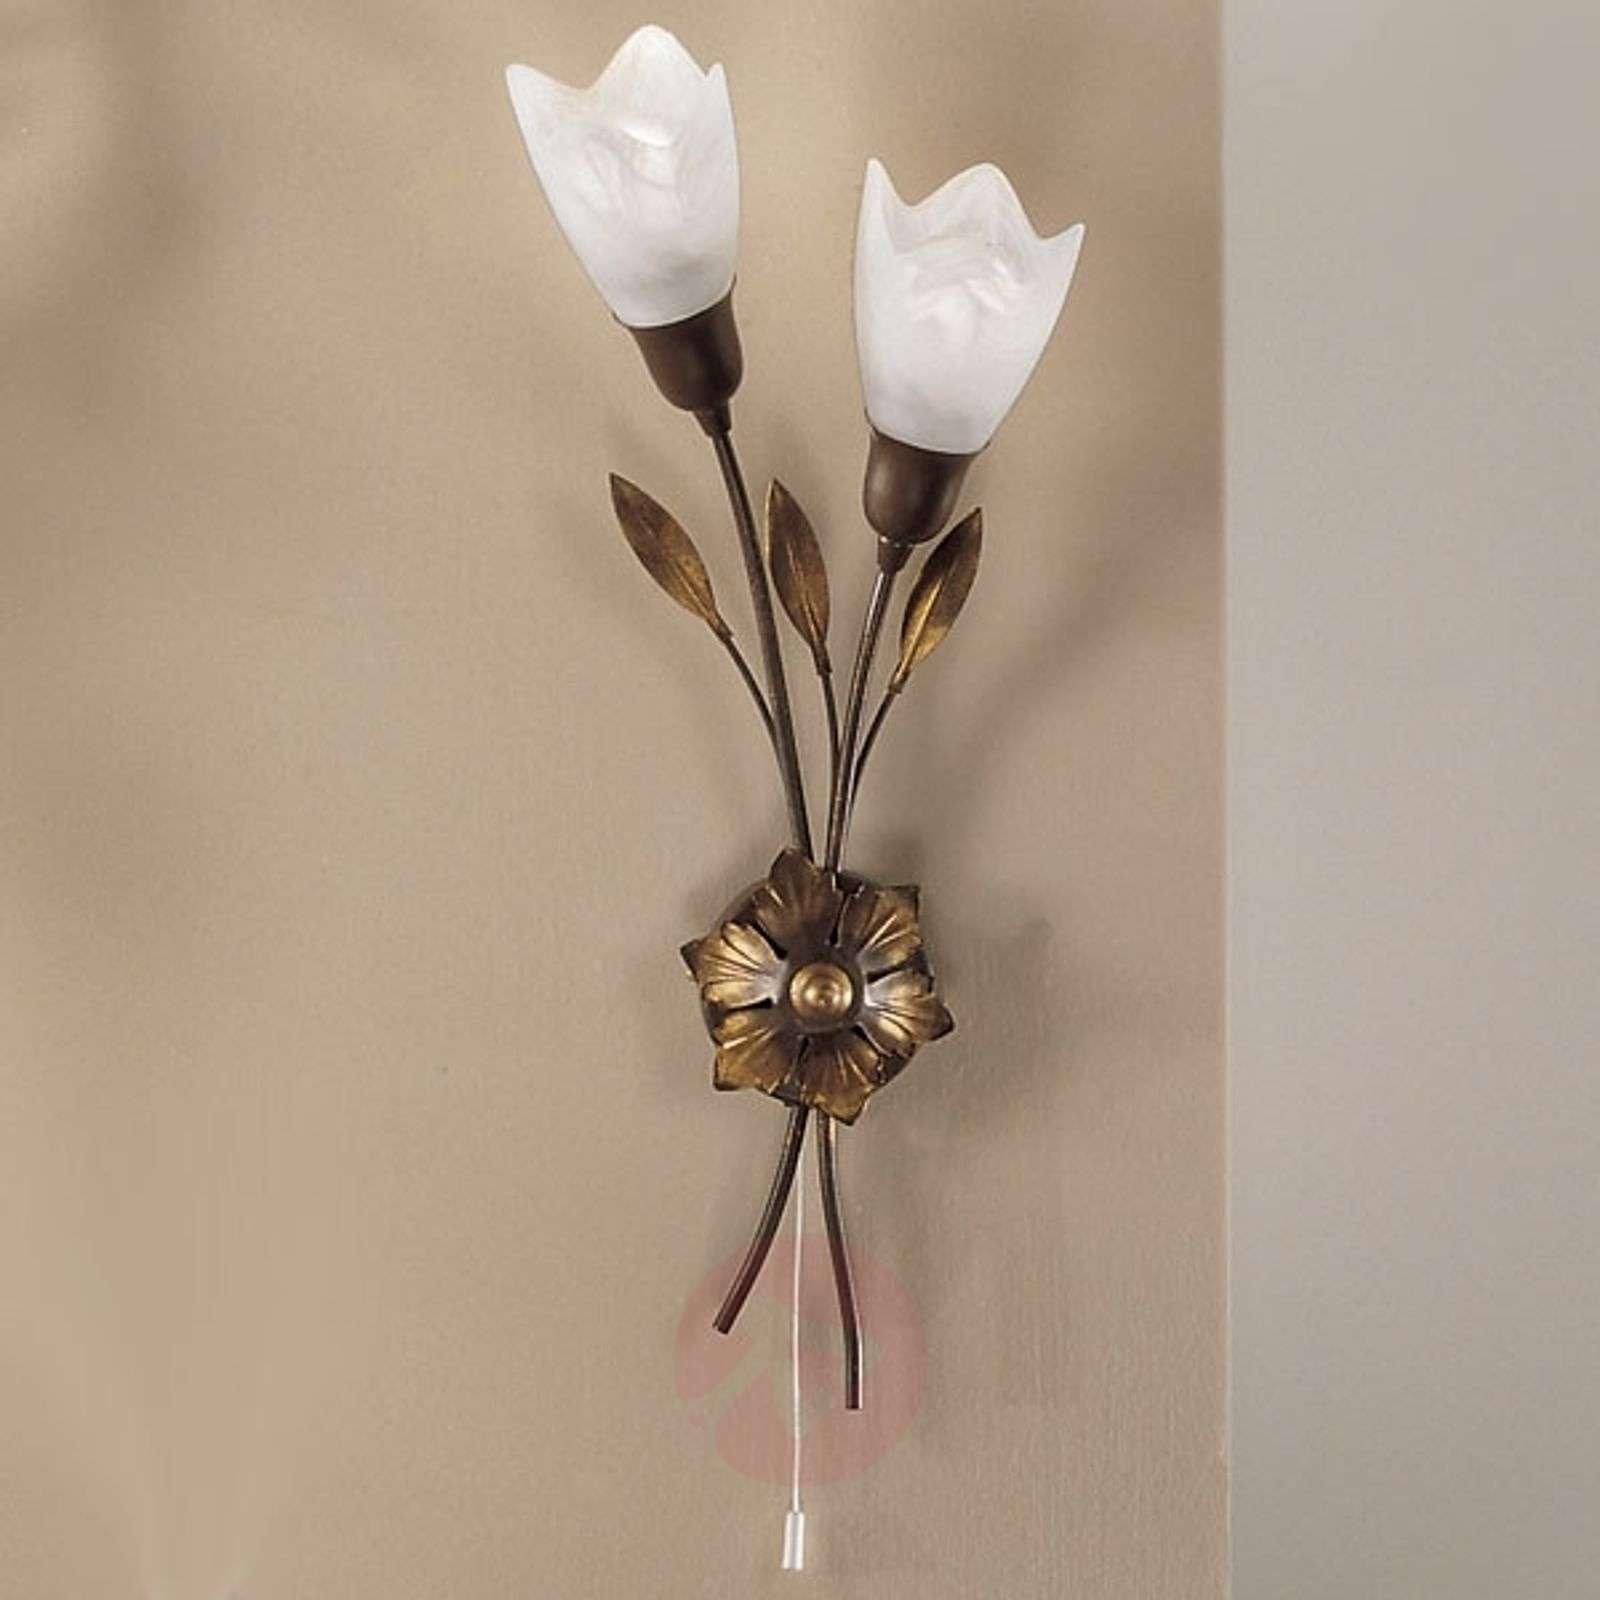 CAMPANA-seinälamppu, pitkät kukat vasemmalla-5505113-01